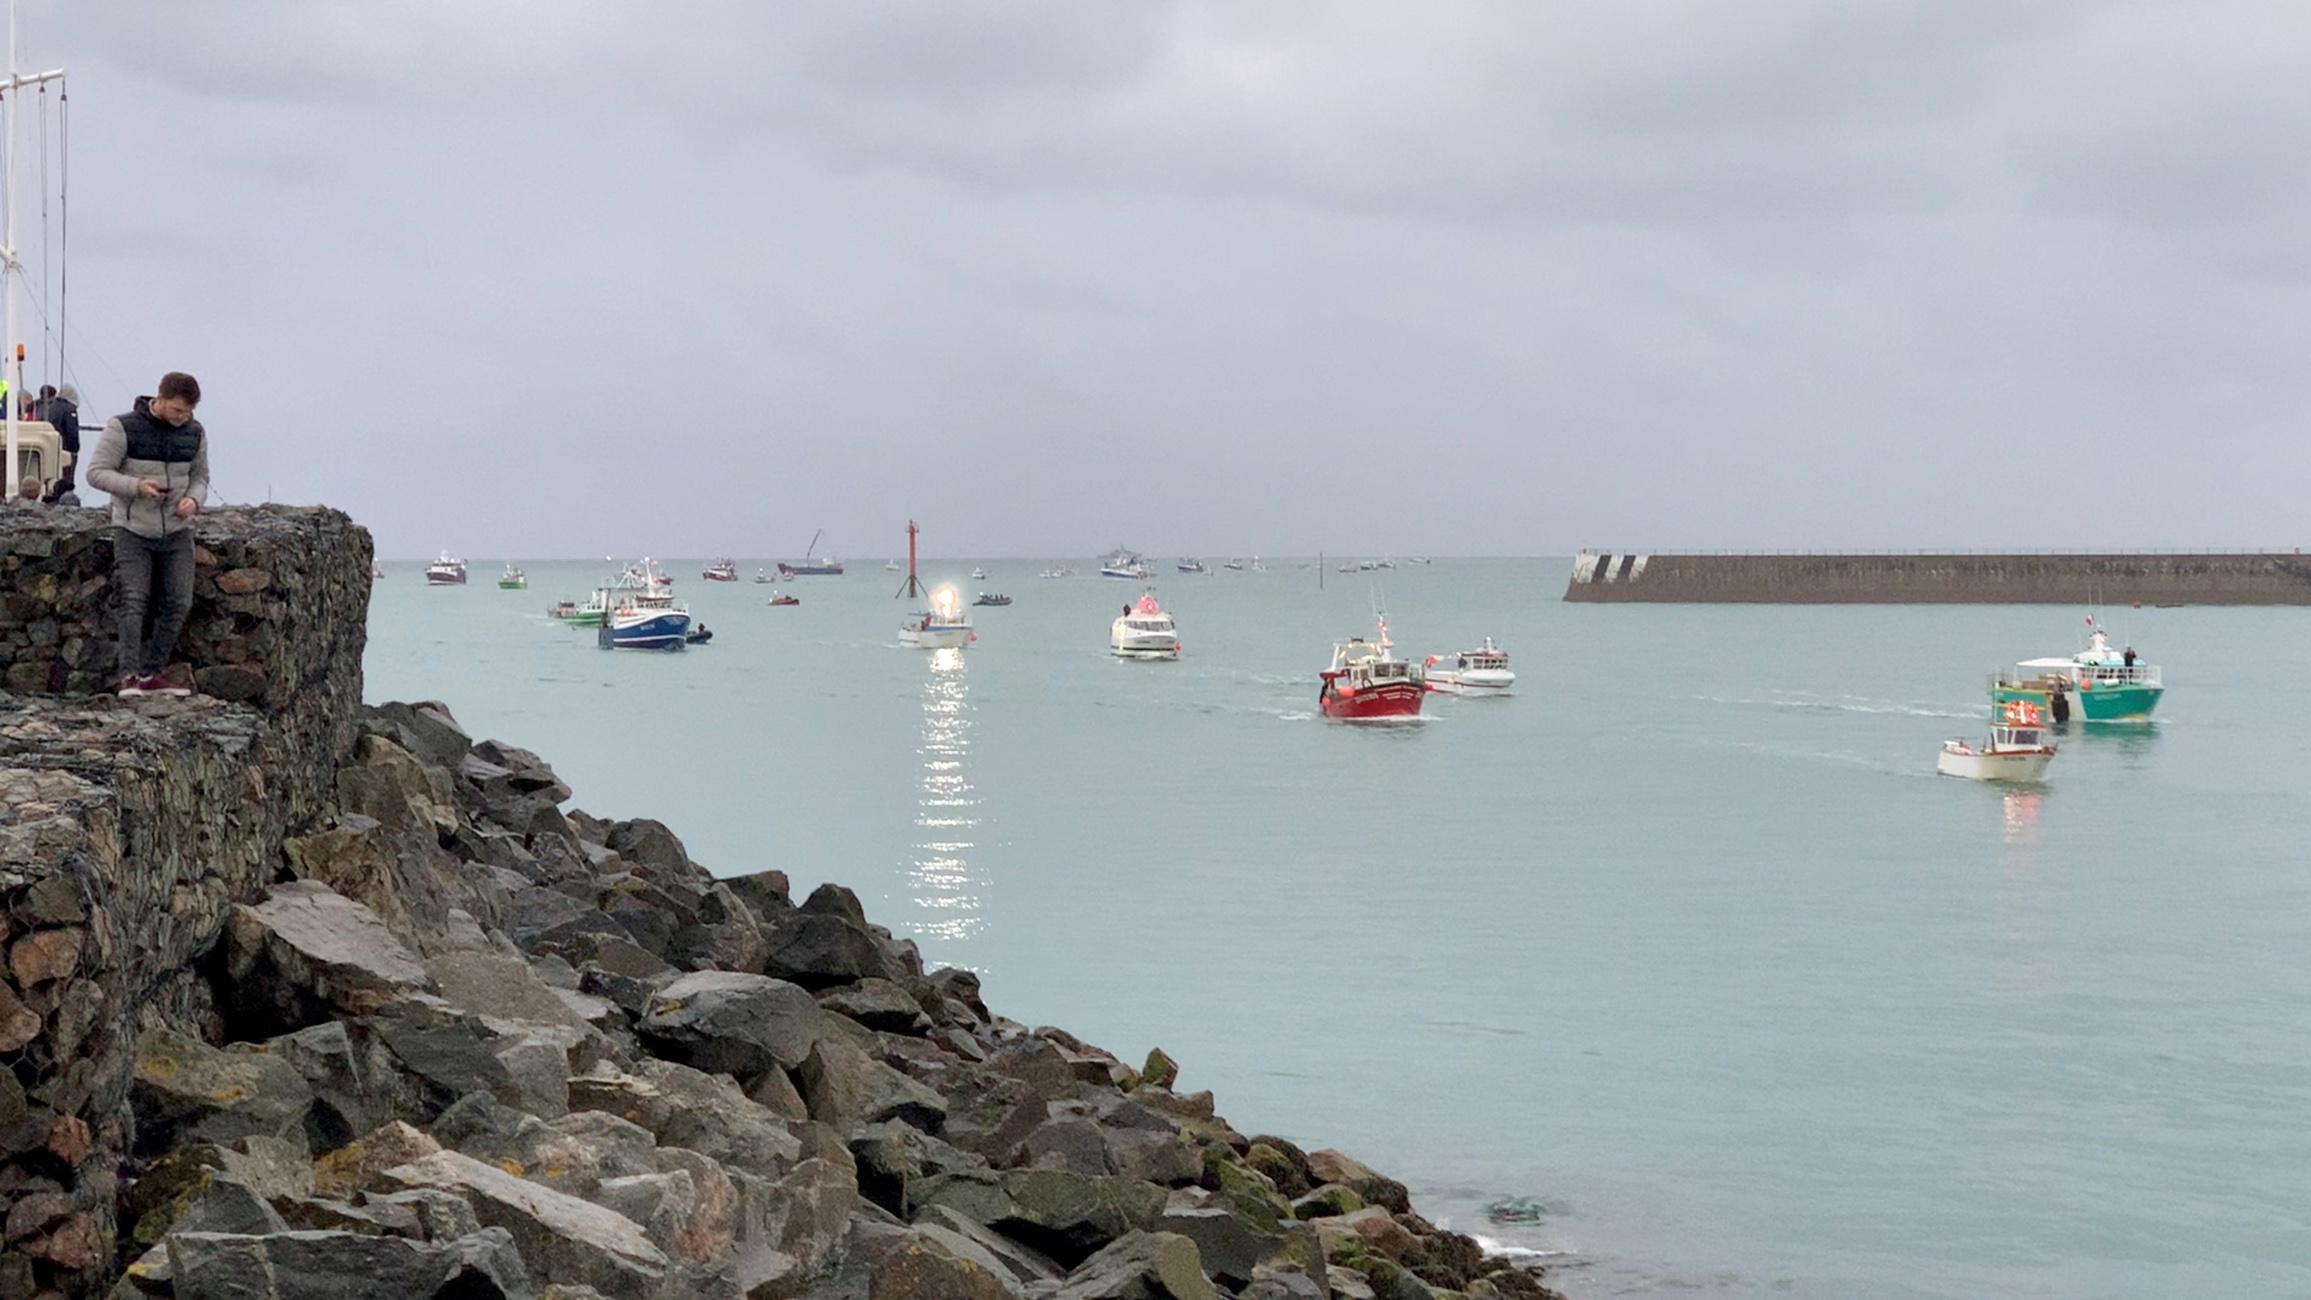 Μάγχη: Φεύγουν από το νησί Τζέρσεϊ τα δύο πλοία του βρετανικού Βασιλικού Ναυτικού